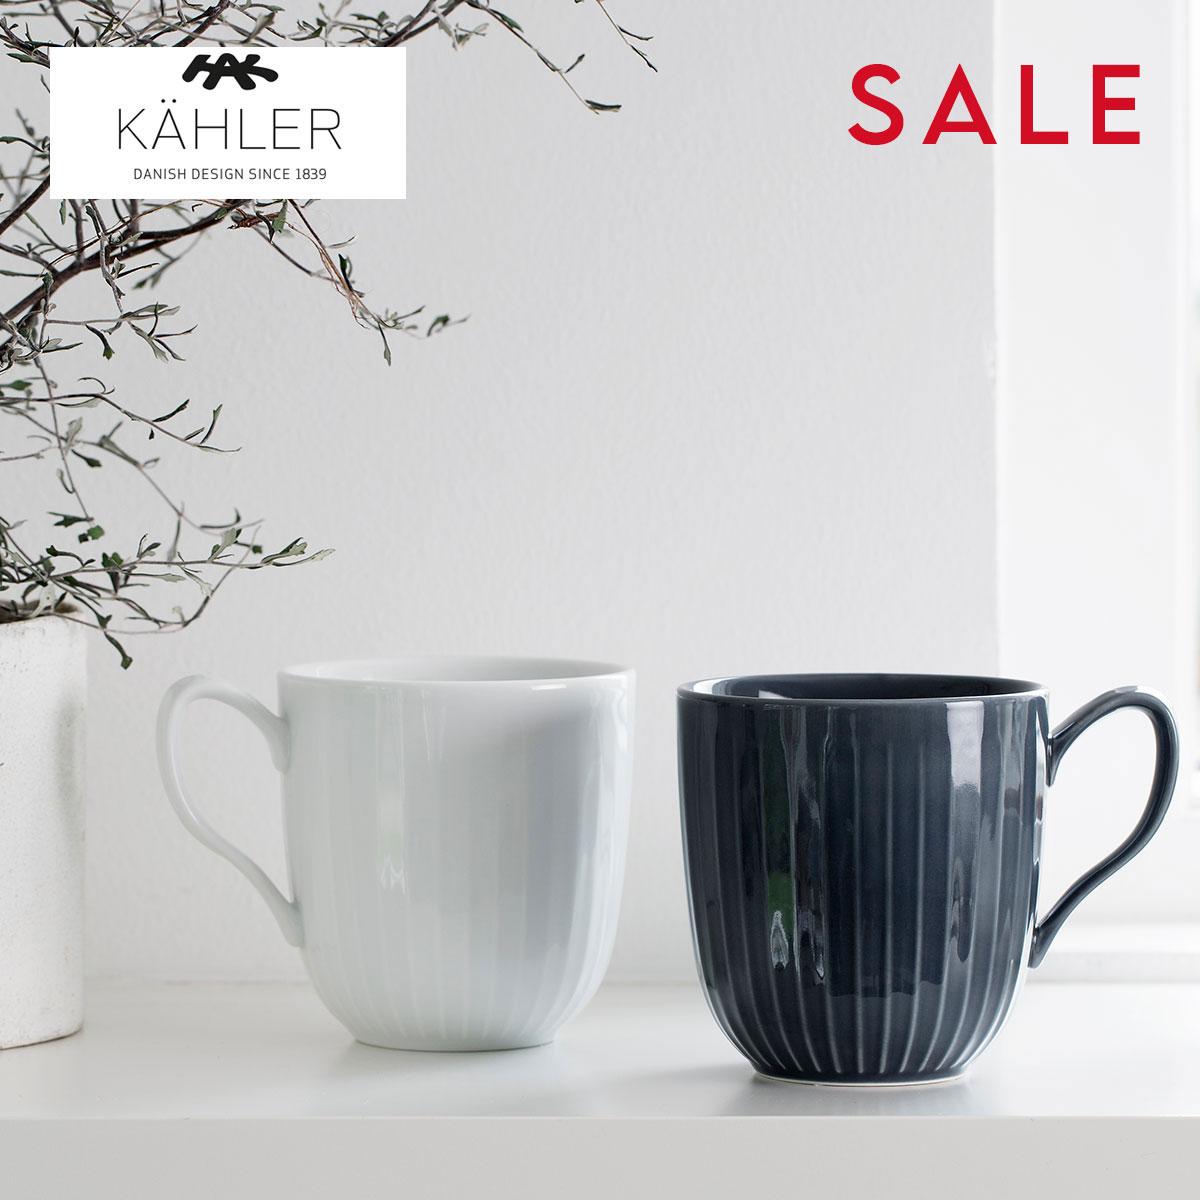 【SALE30%OFF】Kahler (ケーラー) マグ カップ ハンマースホイ HAMMERSHOI デンマーク 陶器 おしゃれな北欧雑貨 ホワイト アンスラサイト インディゴ ハンドメイド食器 優美なラインと気品あふれる美しいフォルム ティーカップ コップ